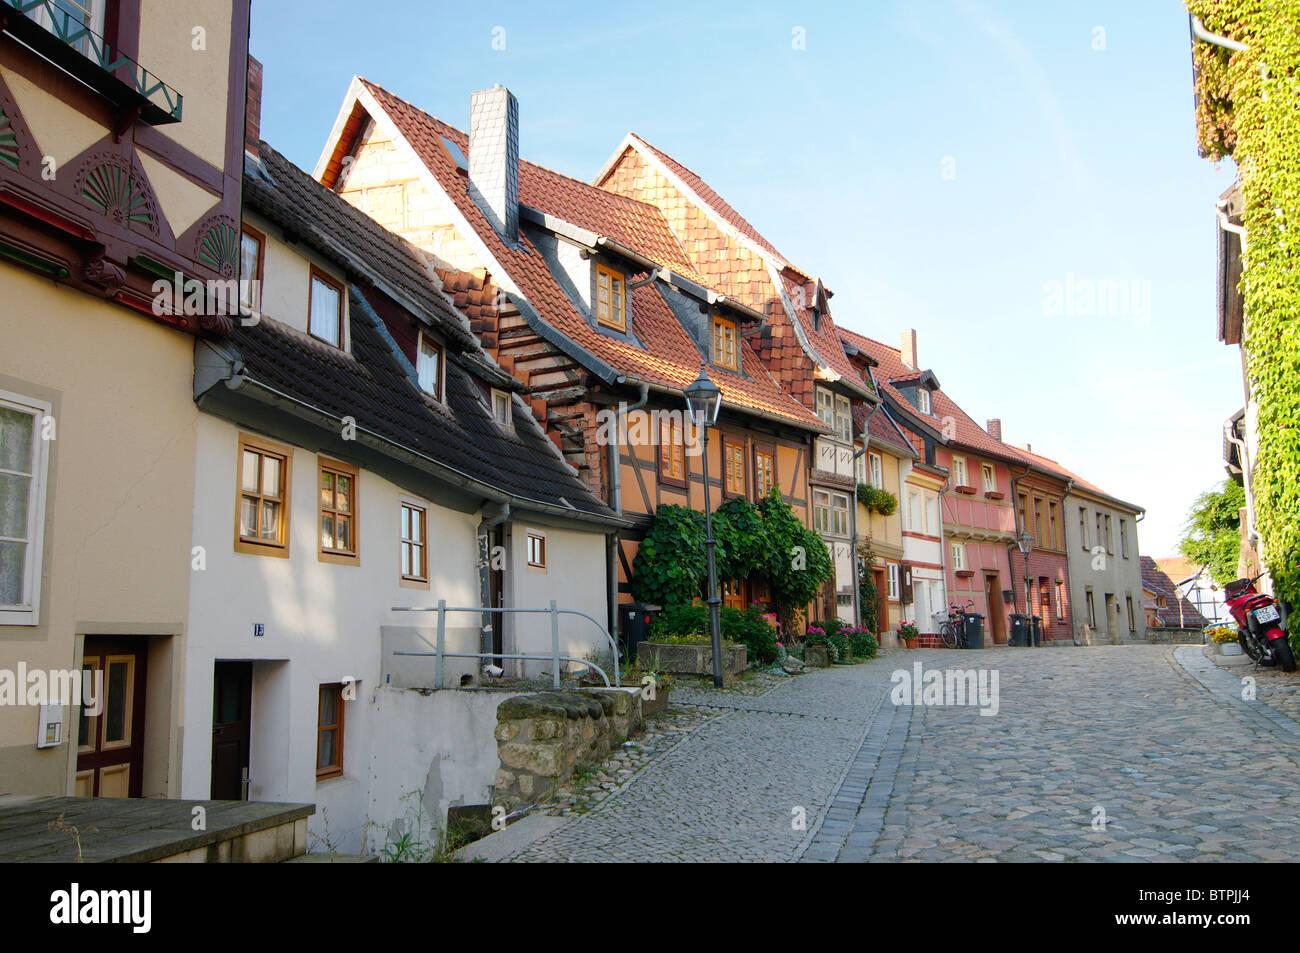 Alemania, Harz, Quedlinburg, las antiguas casas con entramado de madera de Imagen De Stock